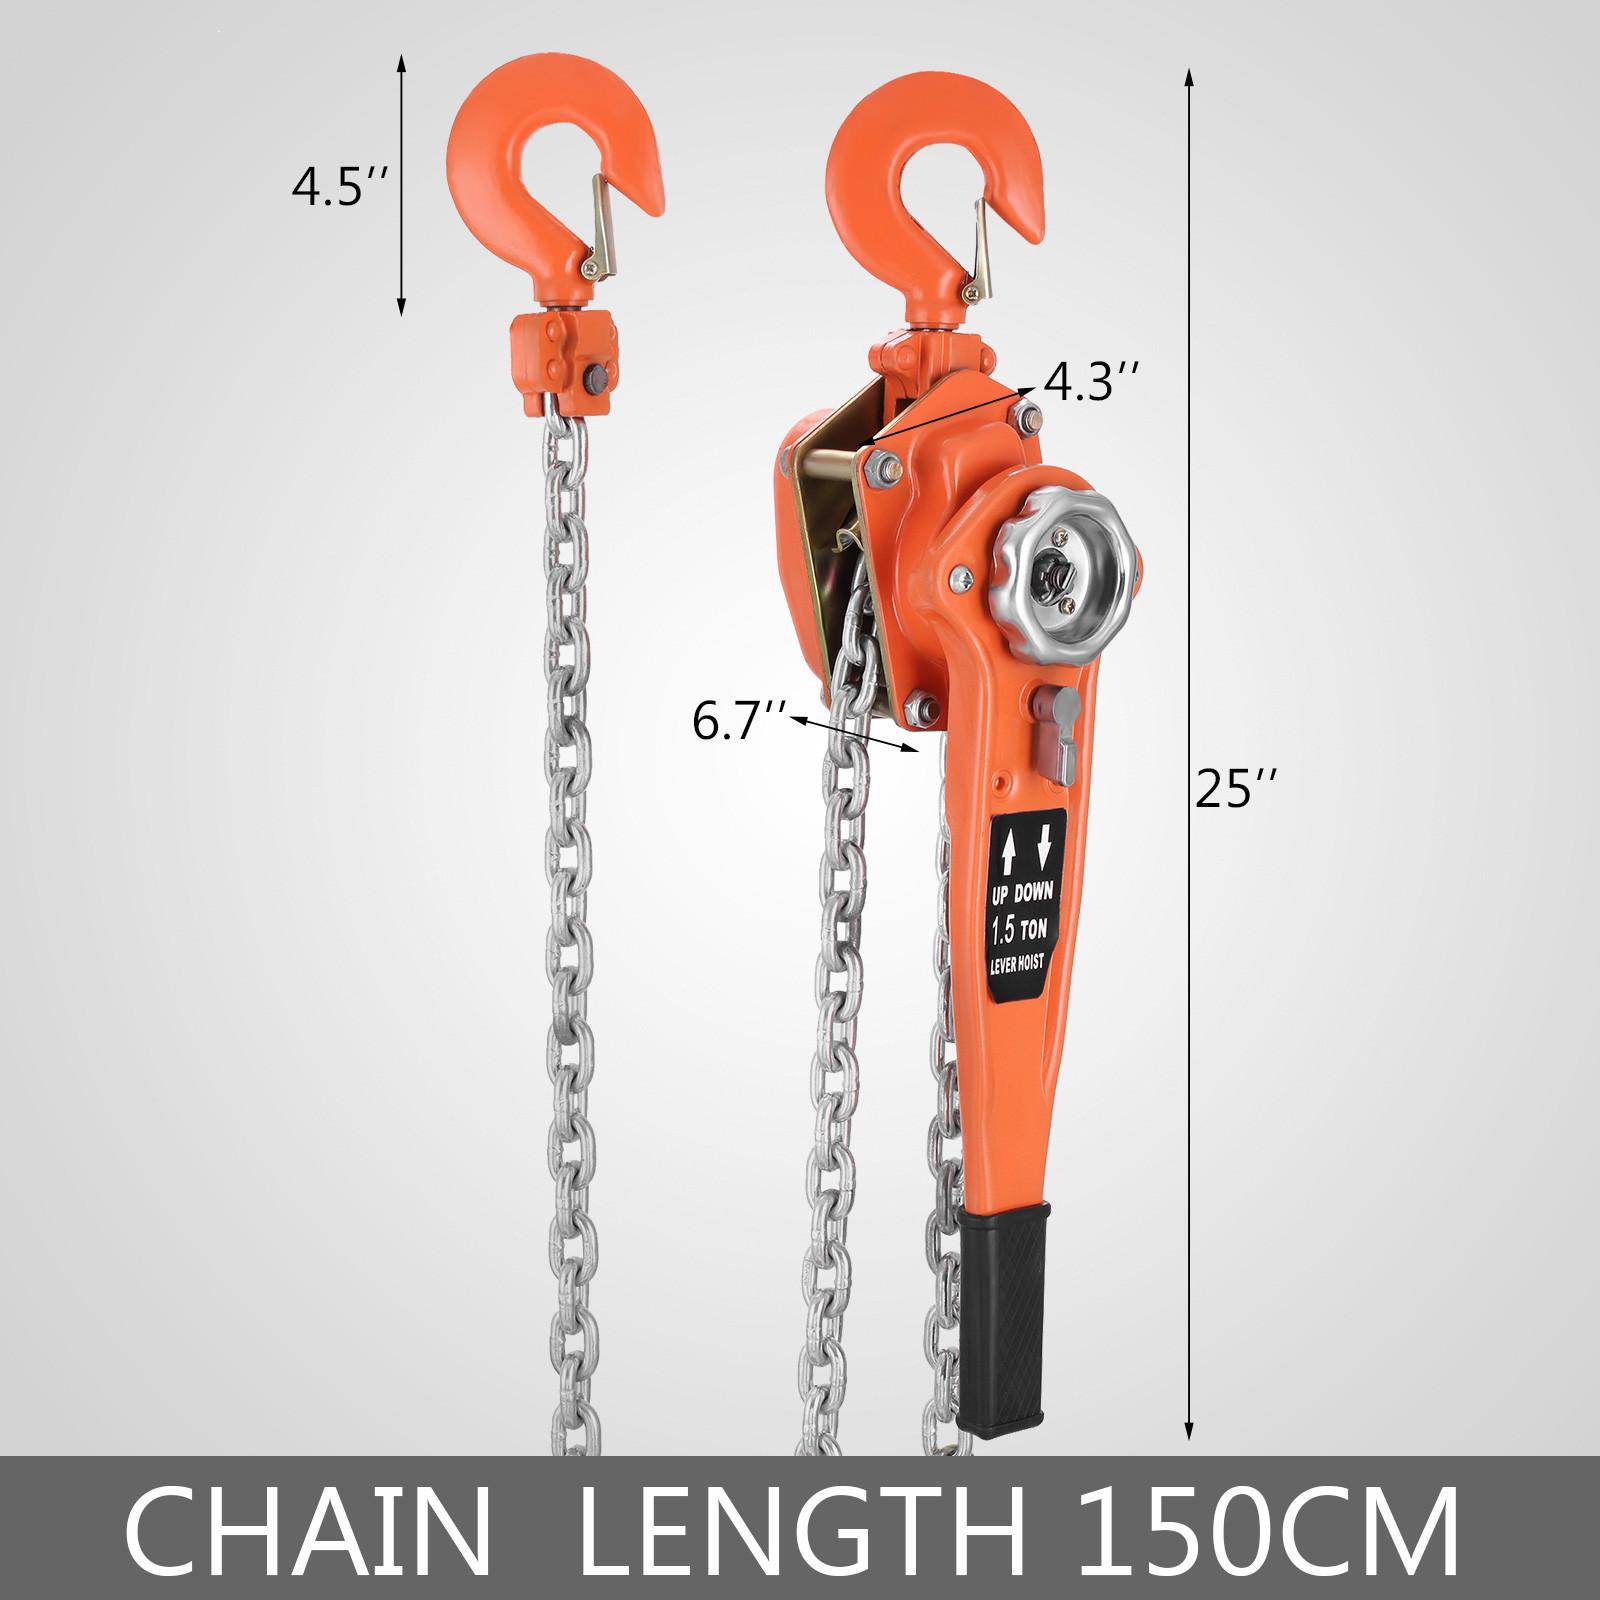 Chain Lever Hoist Come Along Ratchet Lift 1 5 Ton Capacity